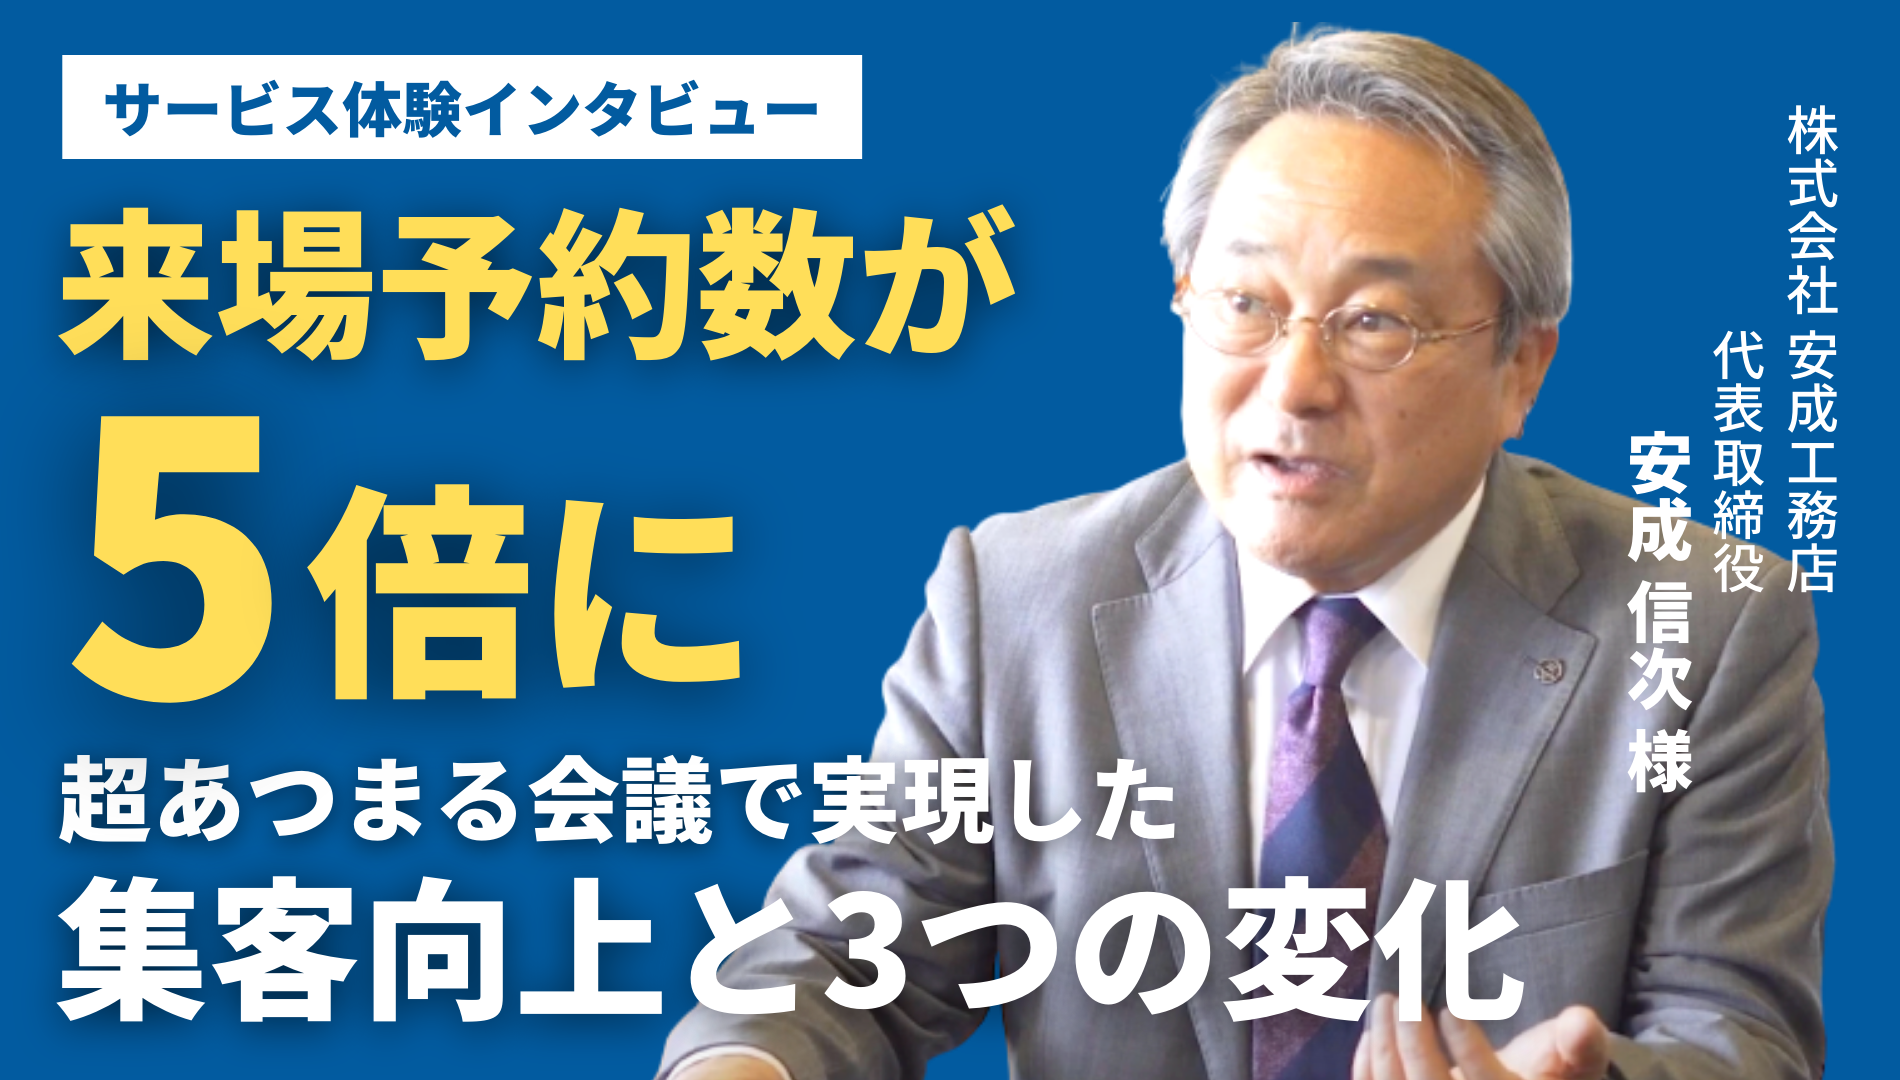 【サービス体験インタビュー】安成工務店様